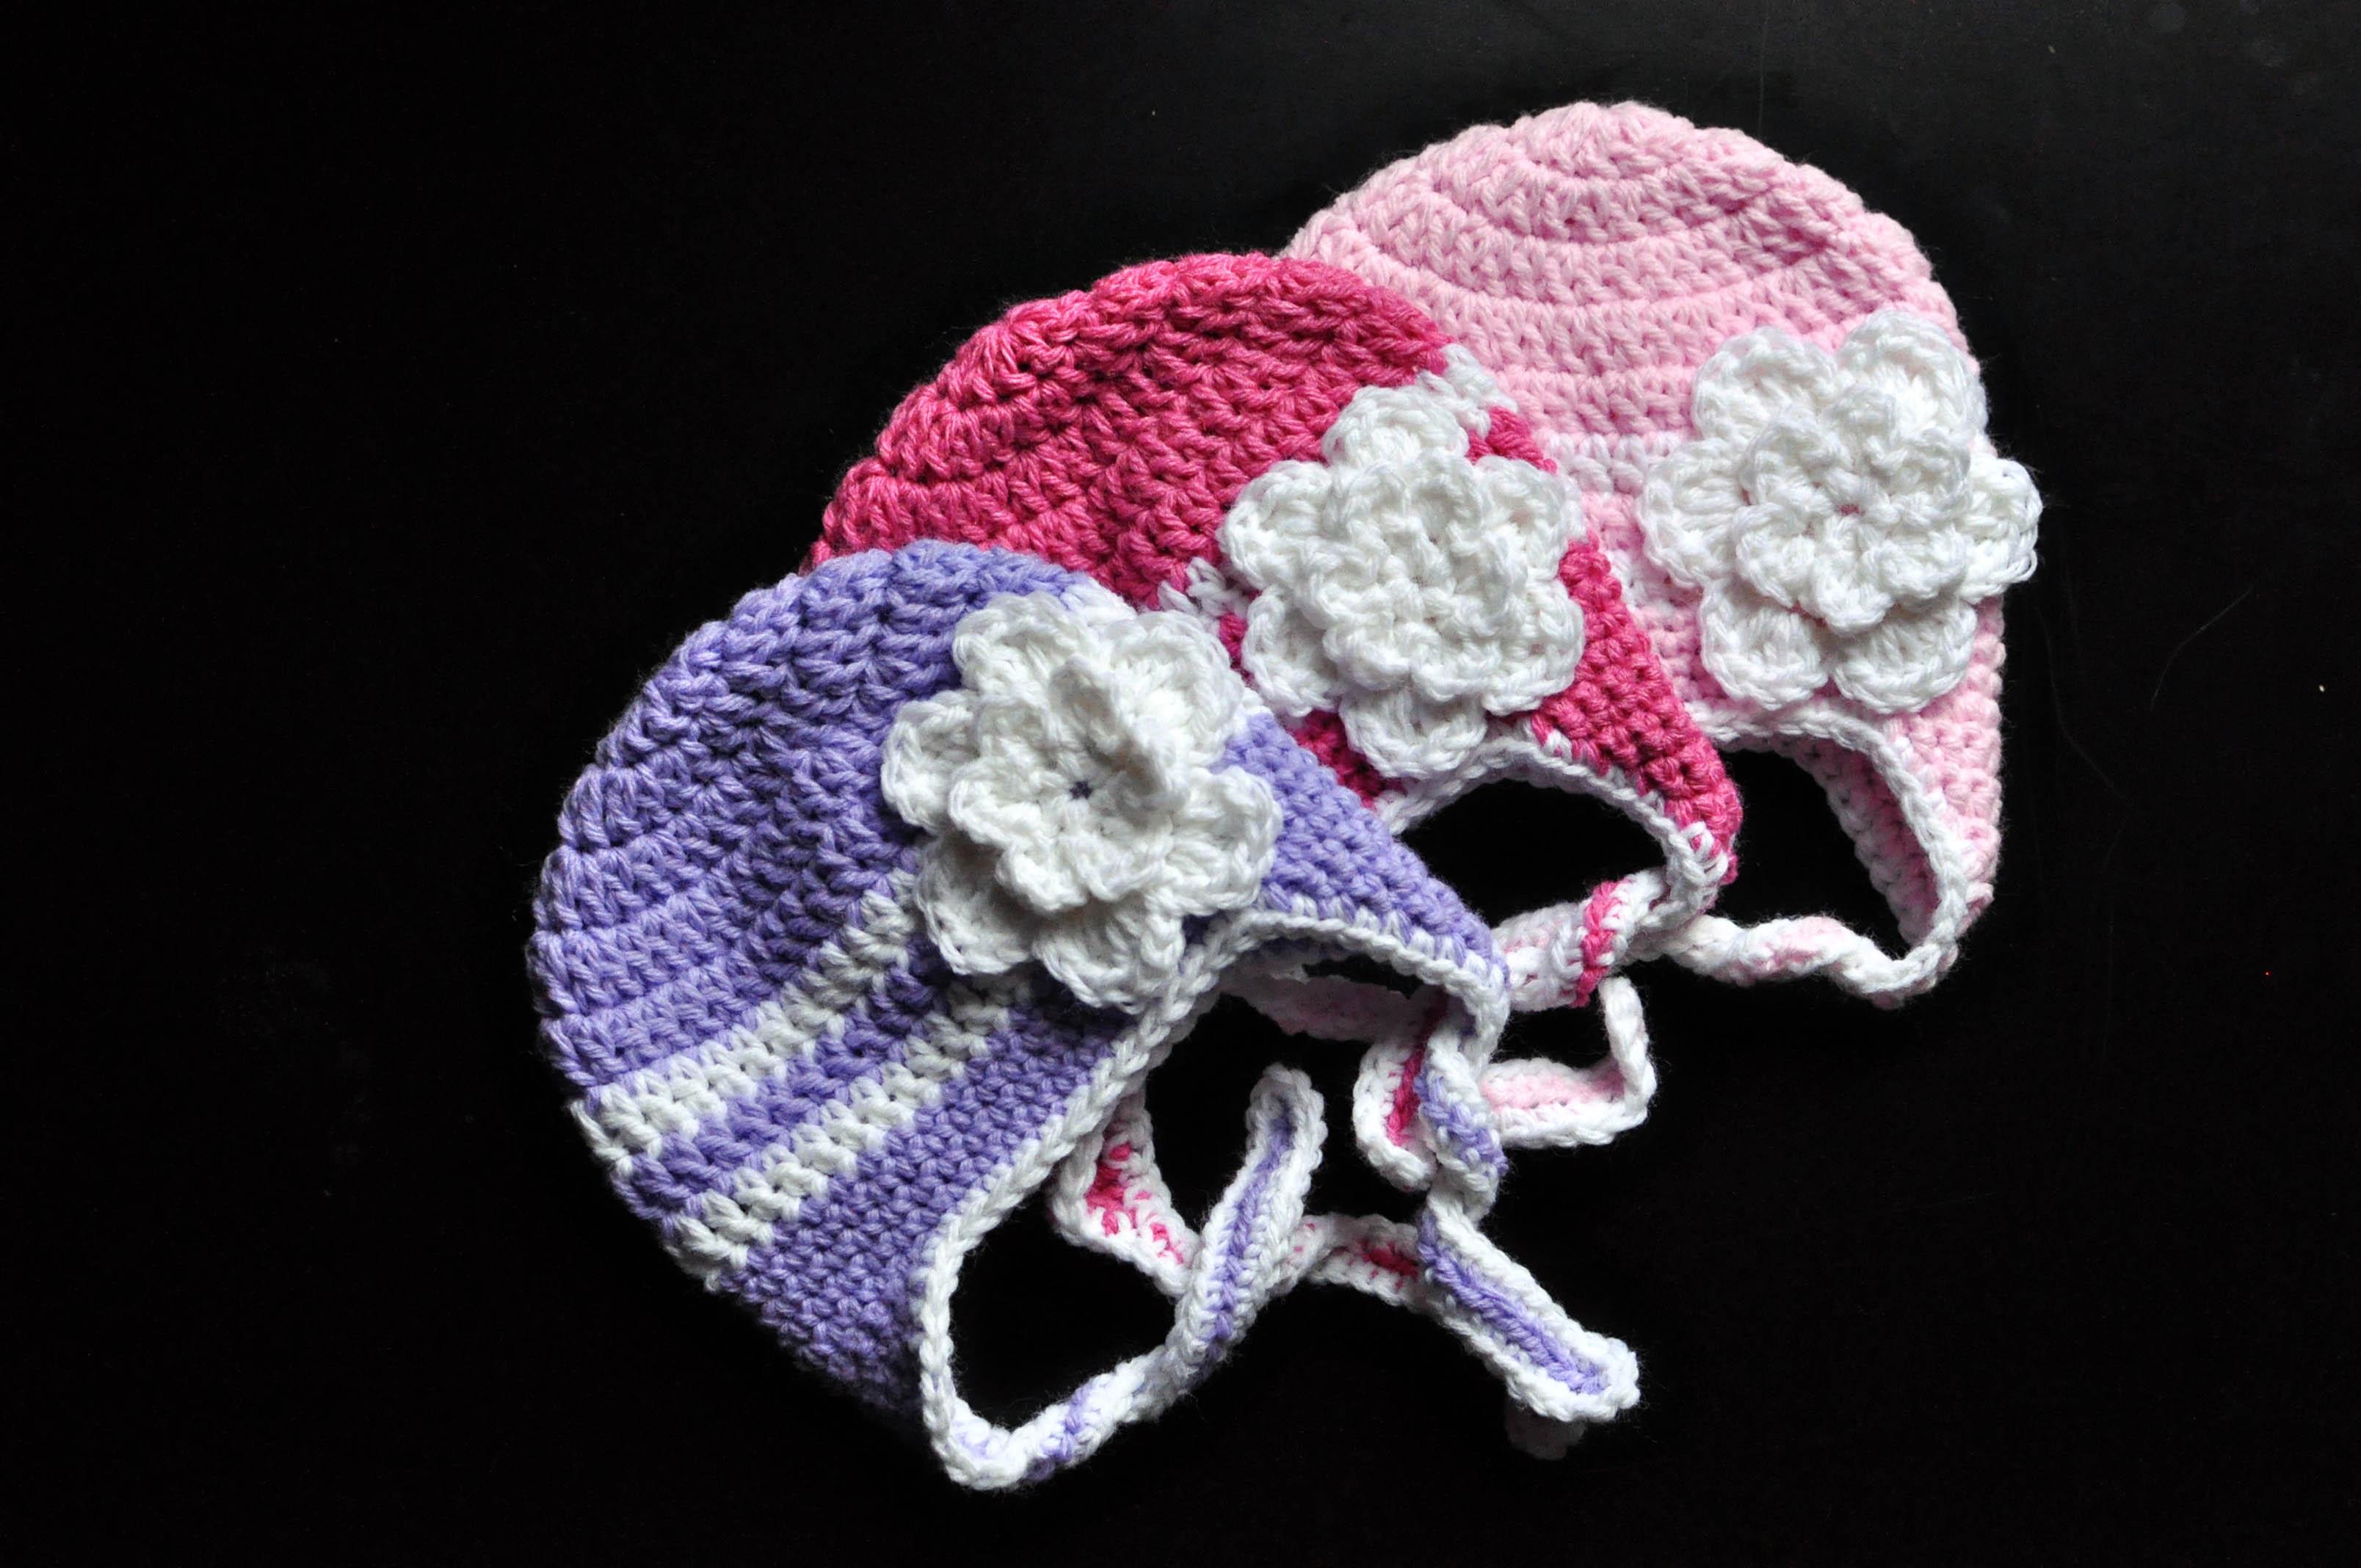 Free Crochet Pattern Newborn Earflap Hat : Free Crochet Pattern: Striped Earflap Hat Classy Crochet